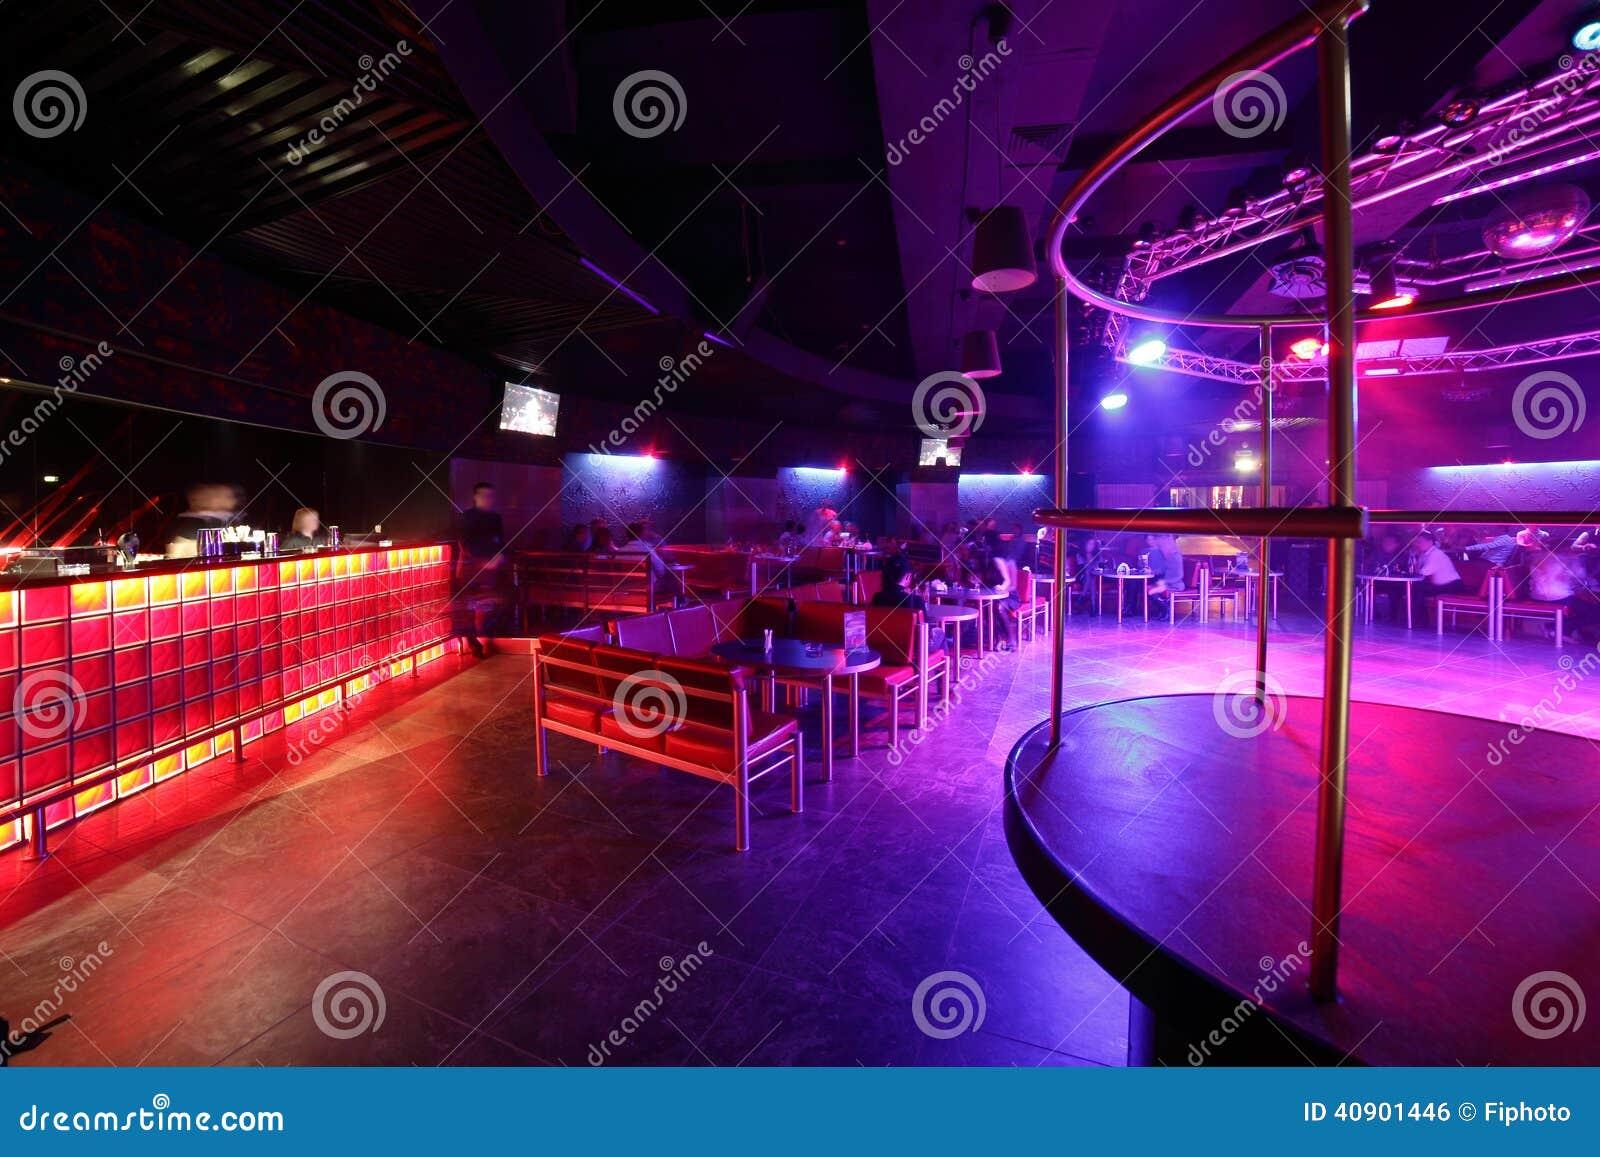 Bel int rieur europ en de bo te de nuit photo stock image 40901446 - Interieur boite de nuit ...